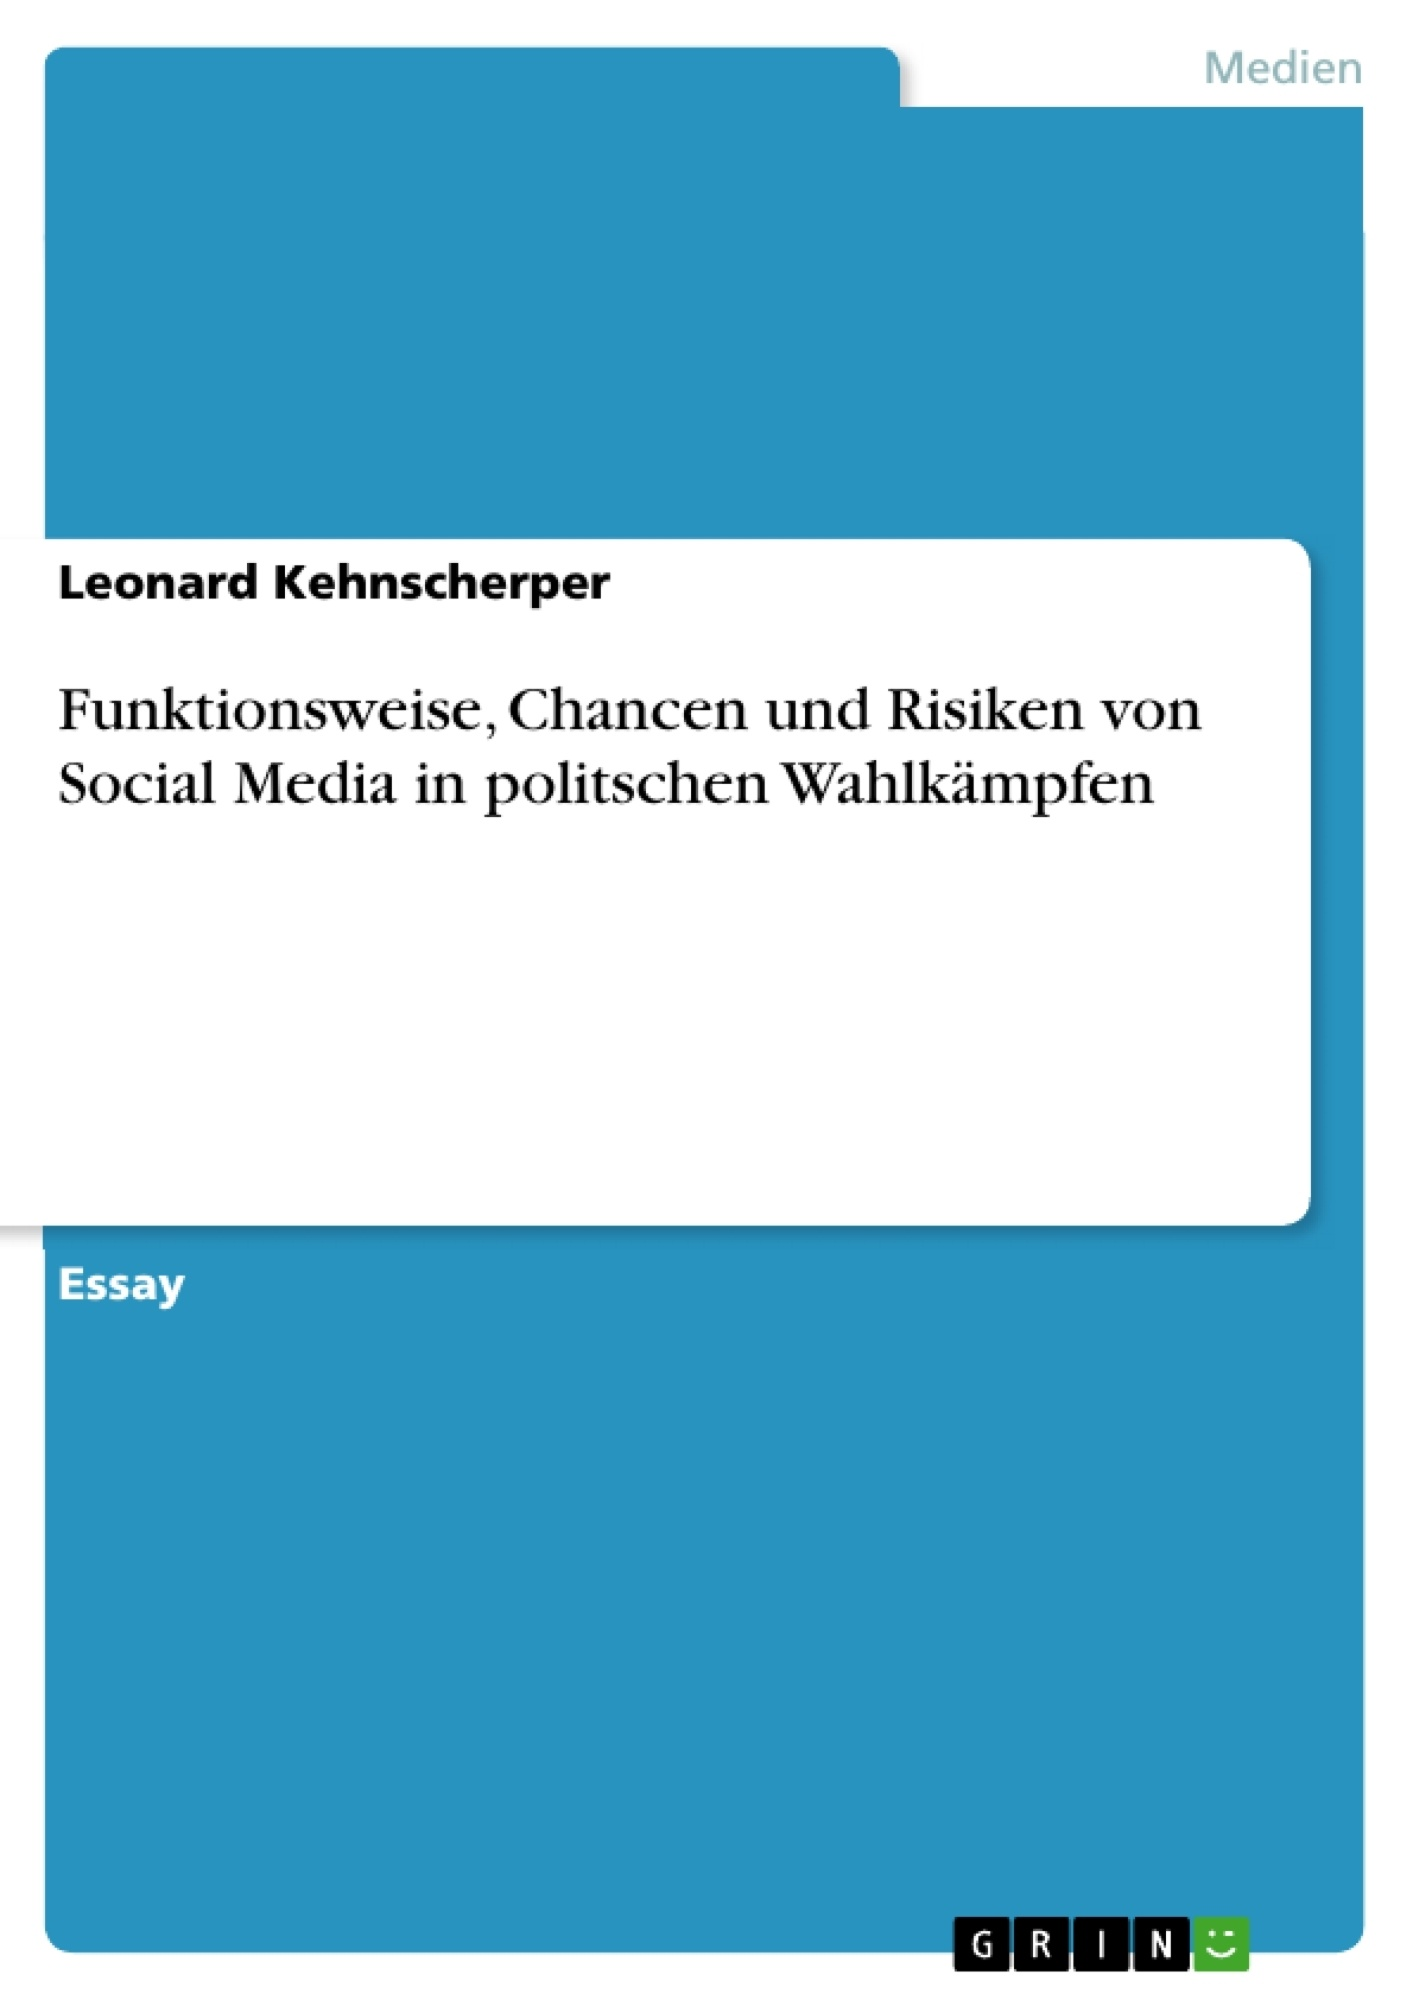 Titel: Funktionsweise, Chancen und Risiken von Social Media in politschen Wahlkämpfen